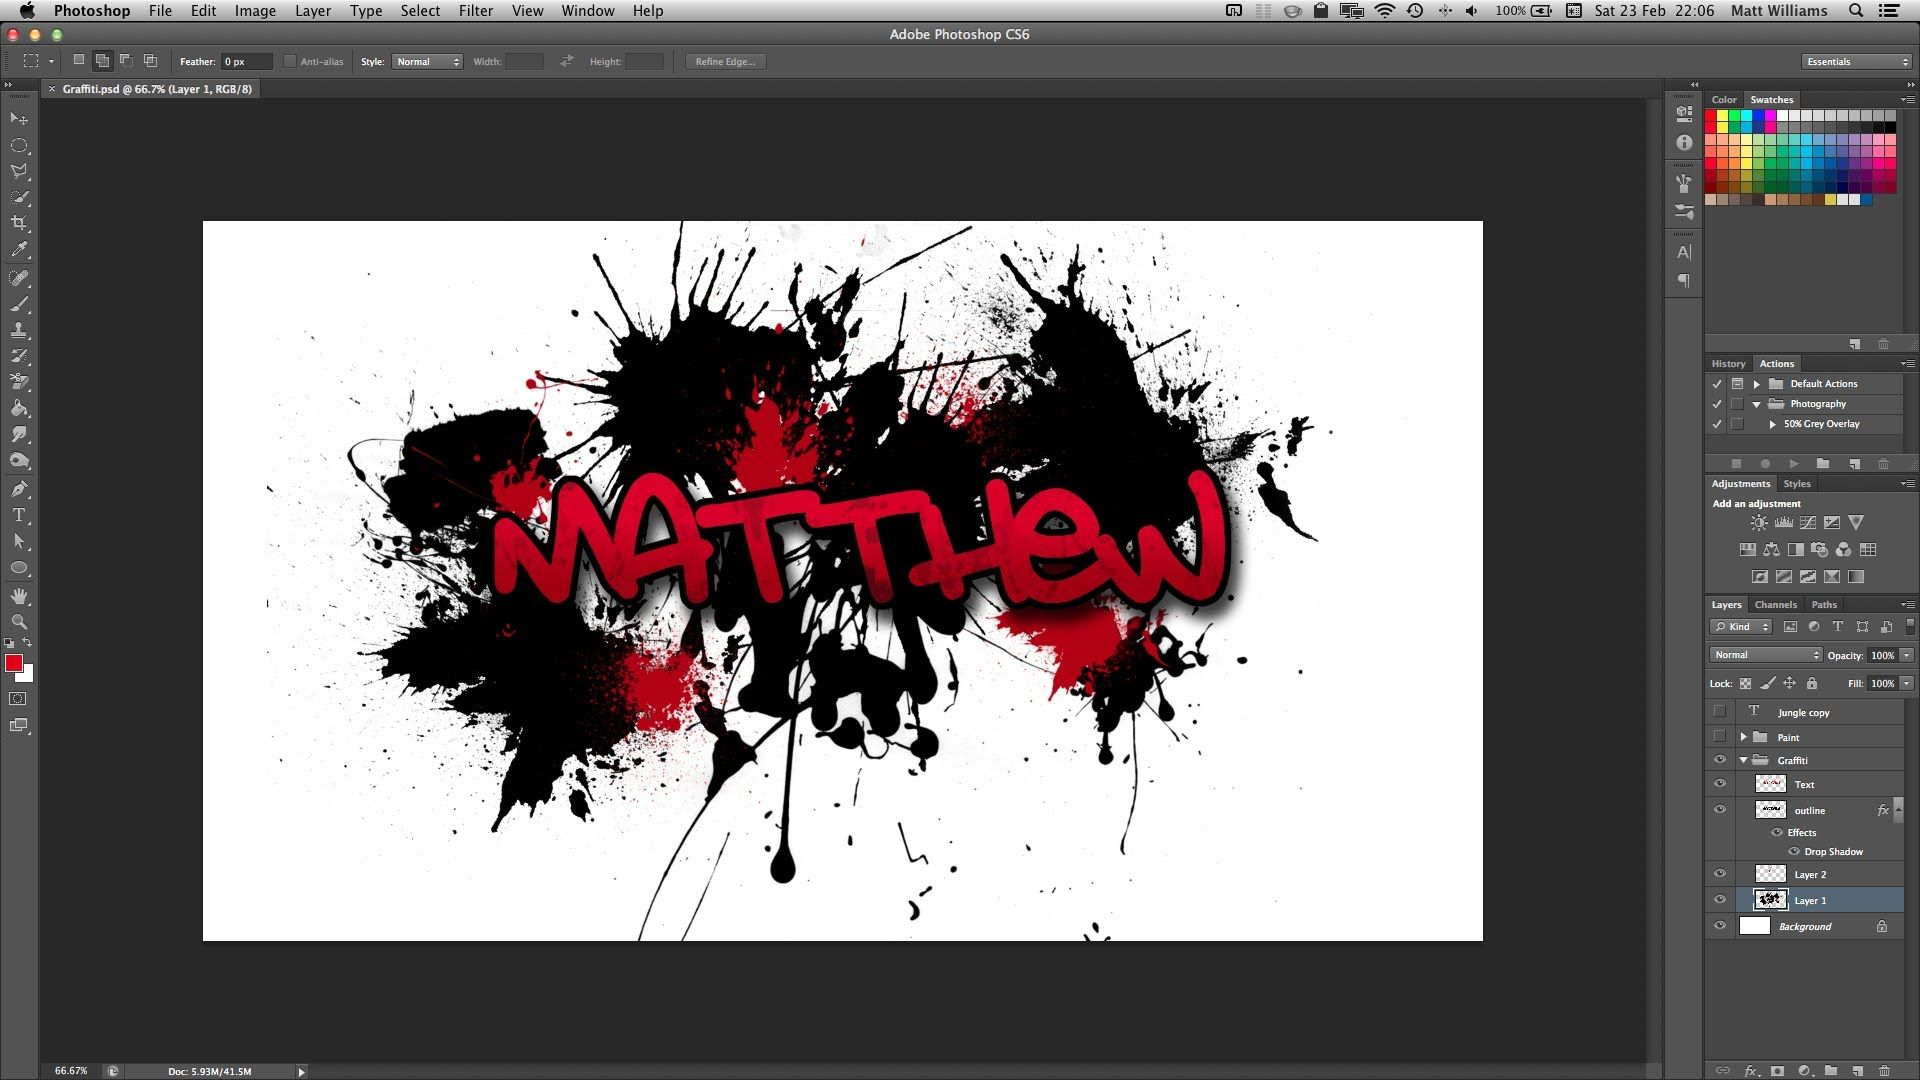 Photoshop graffiti text effect